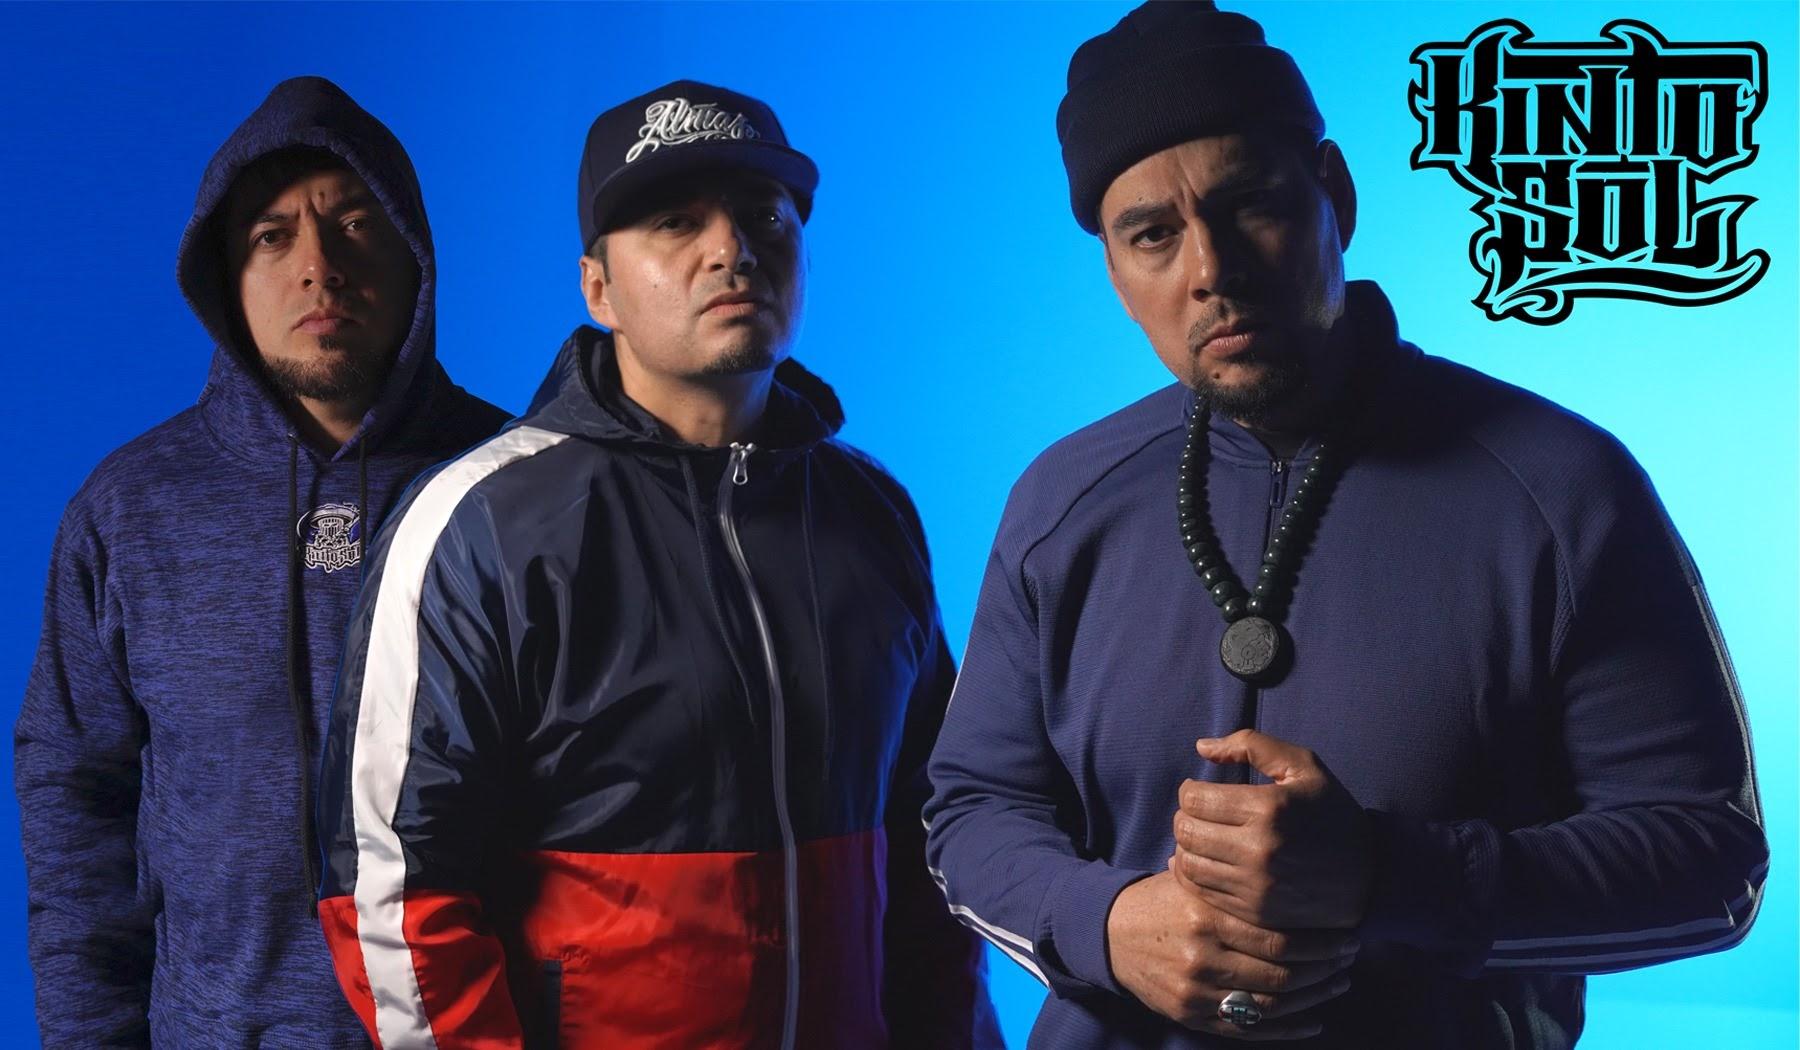 La agrupación legendaria de hip hop Kinto Sol presente en documental del Chivas